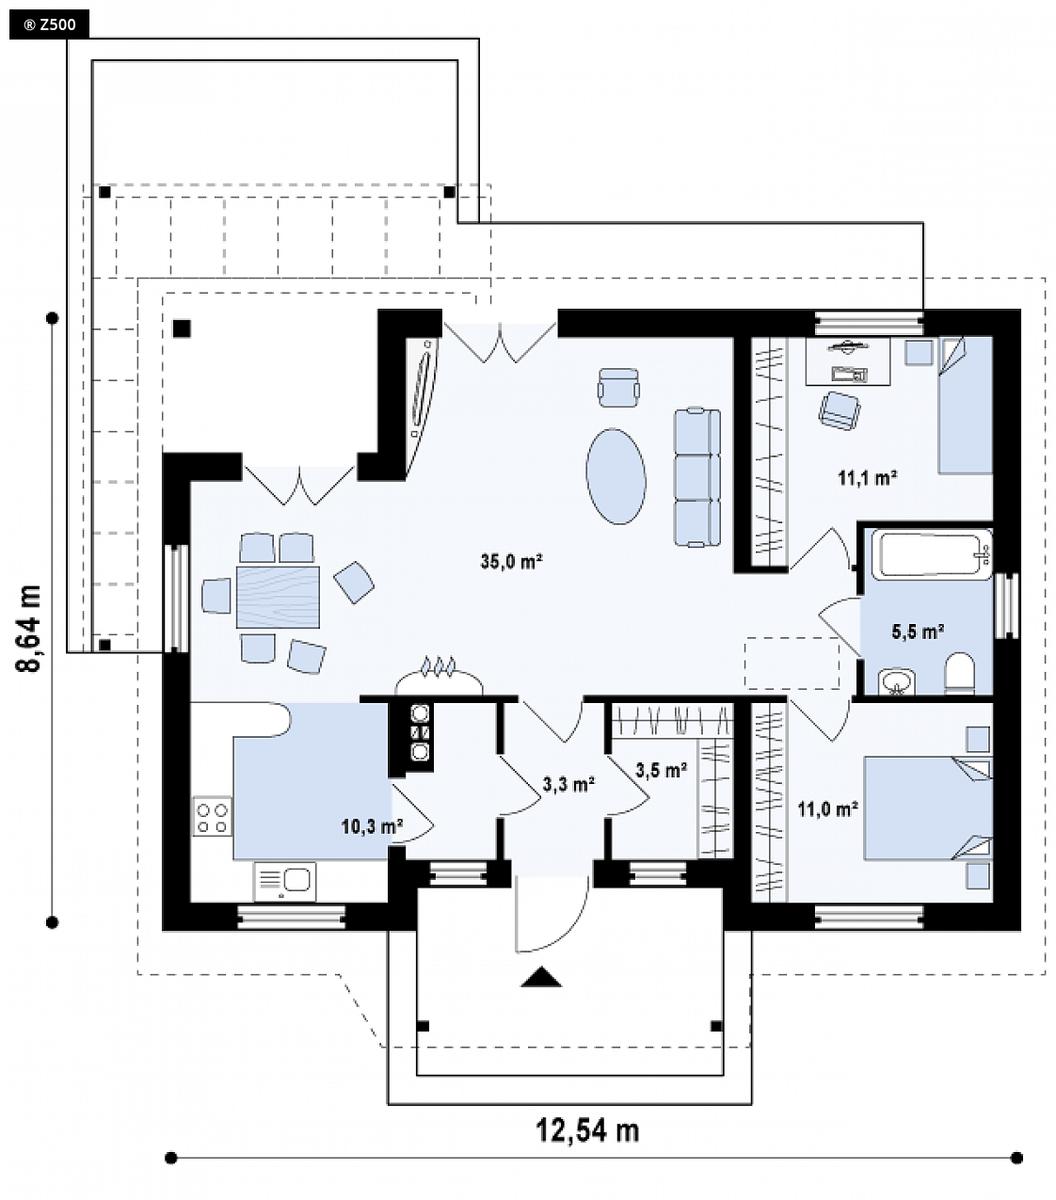 hà cấp 4 2 phòng ngủ 1 phòng khách 6